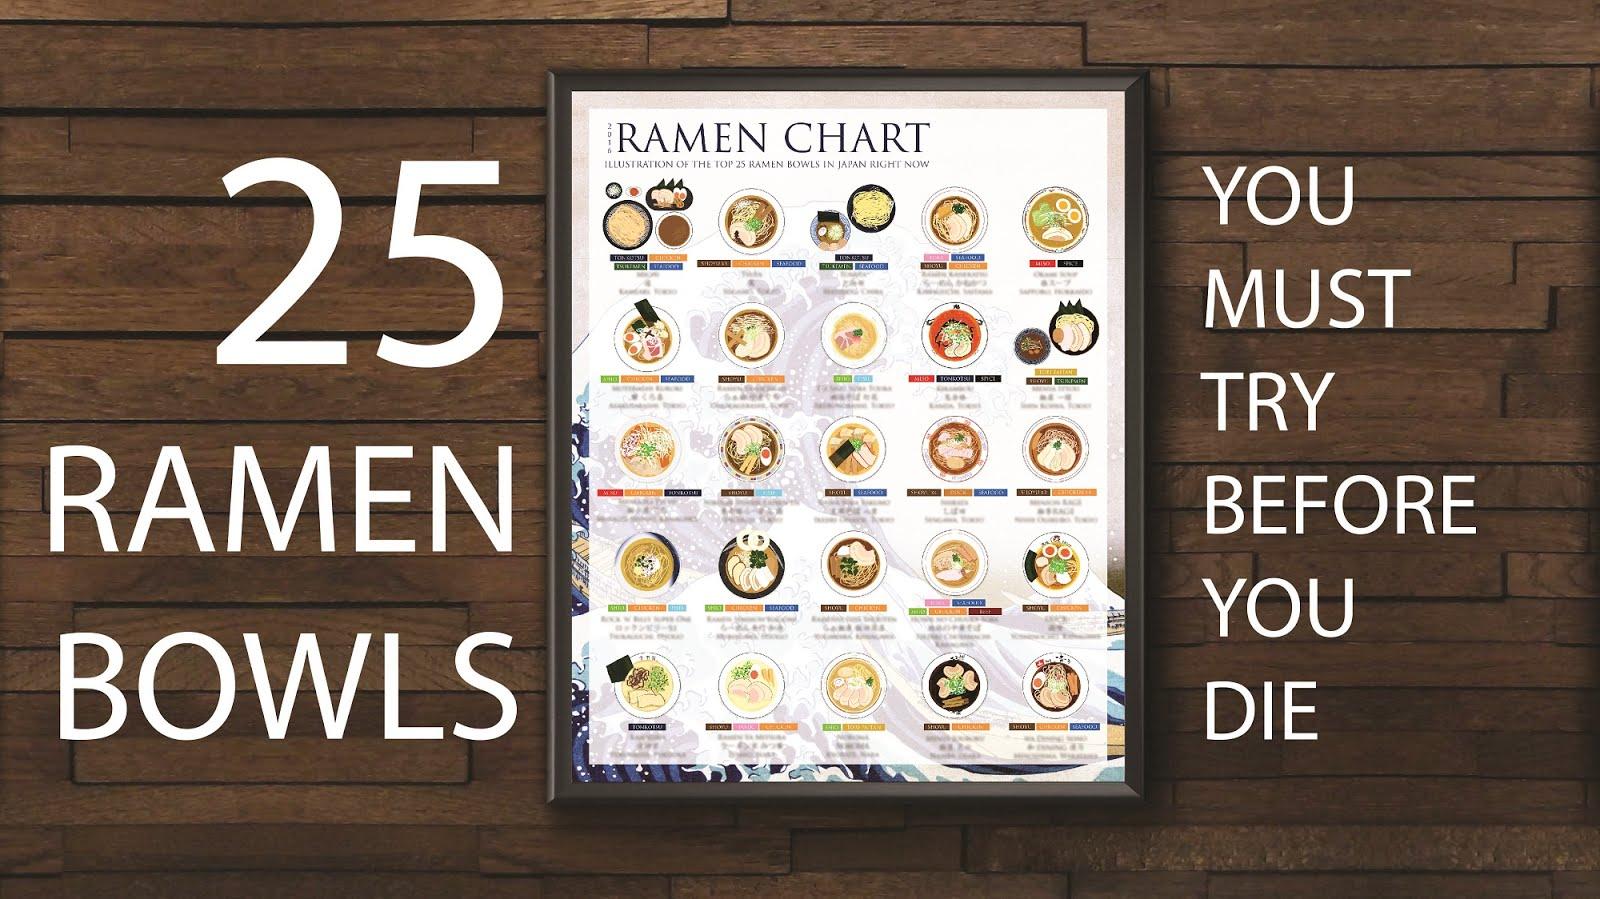 THE RAMEN CHART